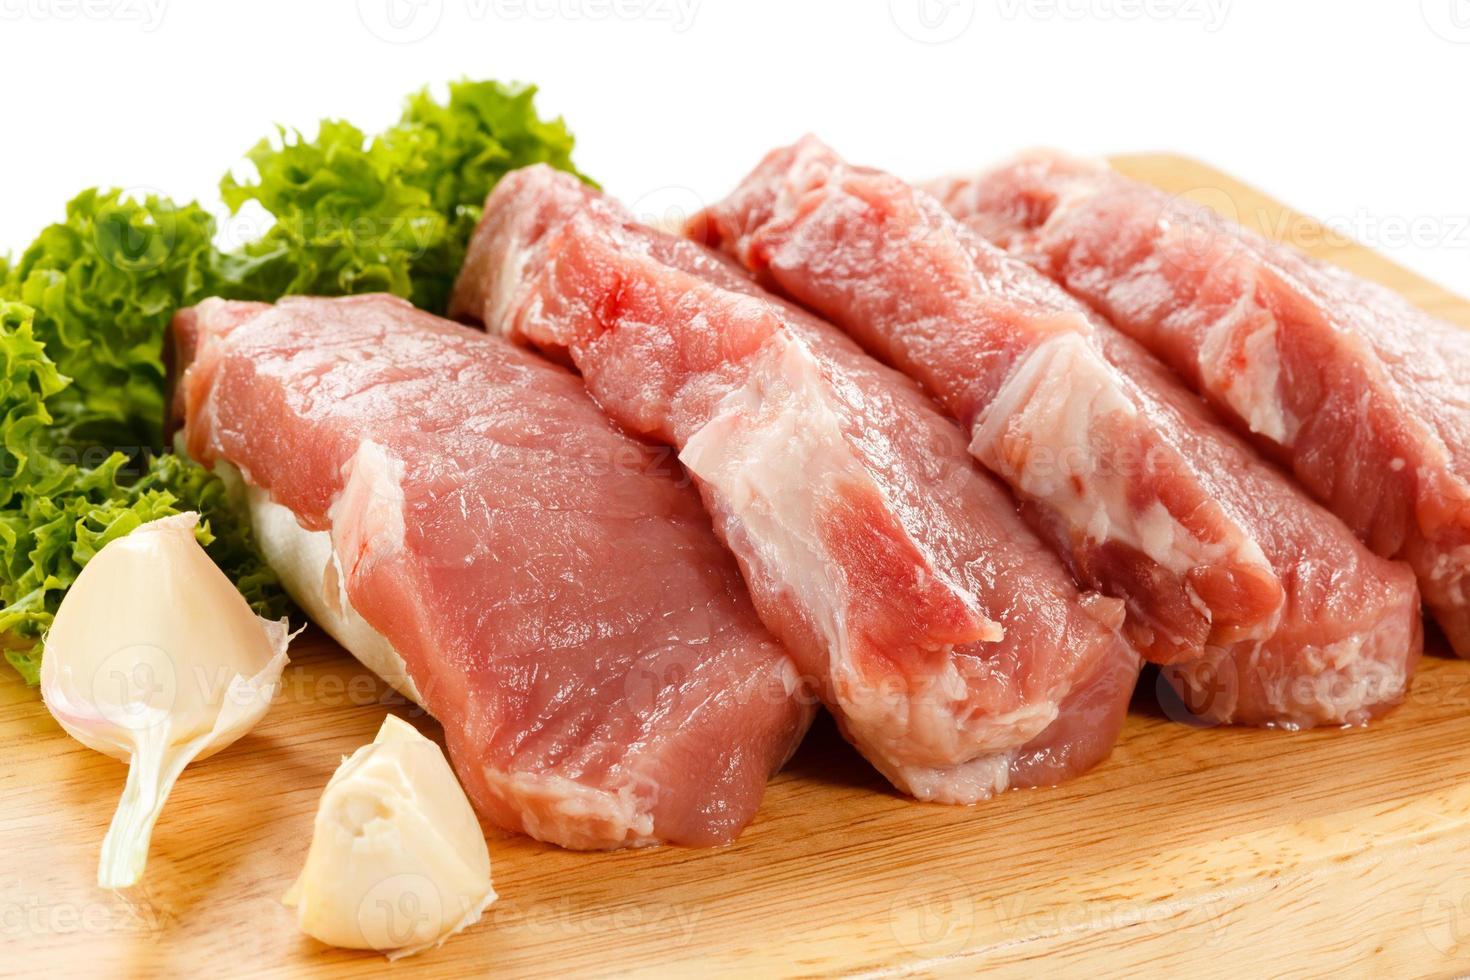 porc cru frais sur une planche à découper photo